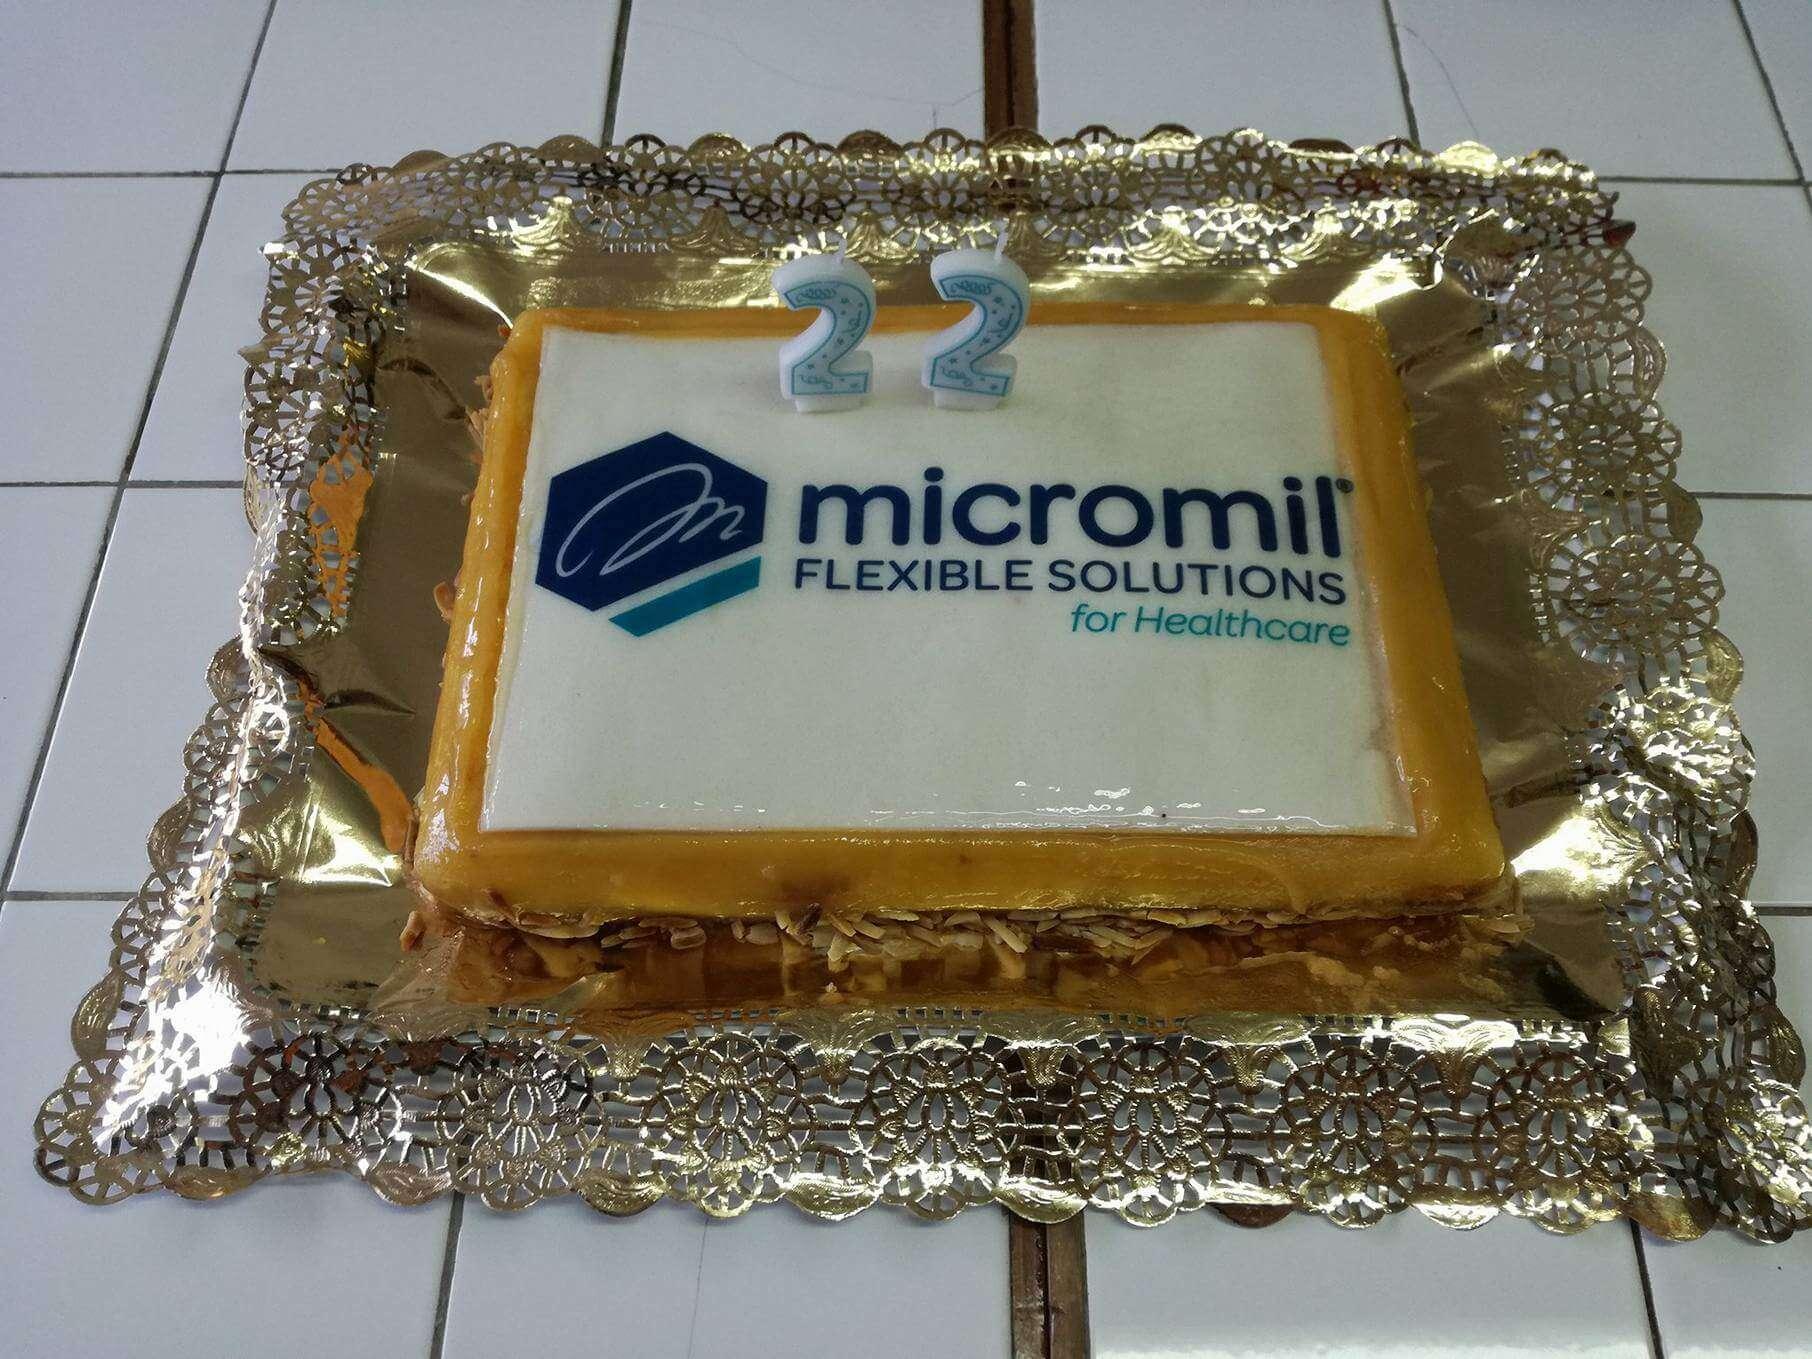 micromil Micromil celebra mais um aniversário em equipa bolo aniversa  rio micromil